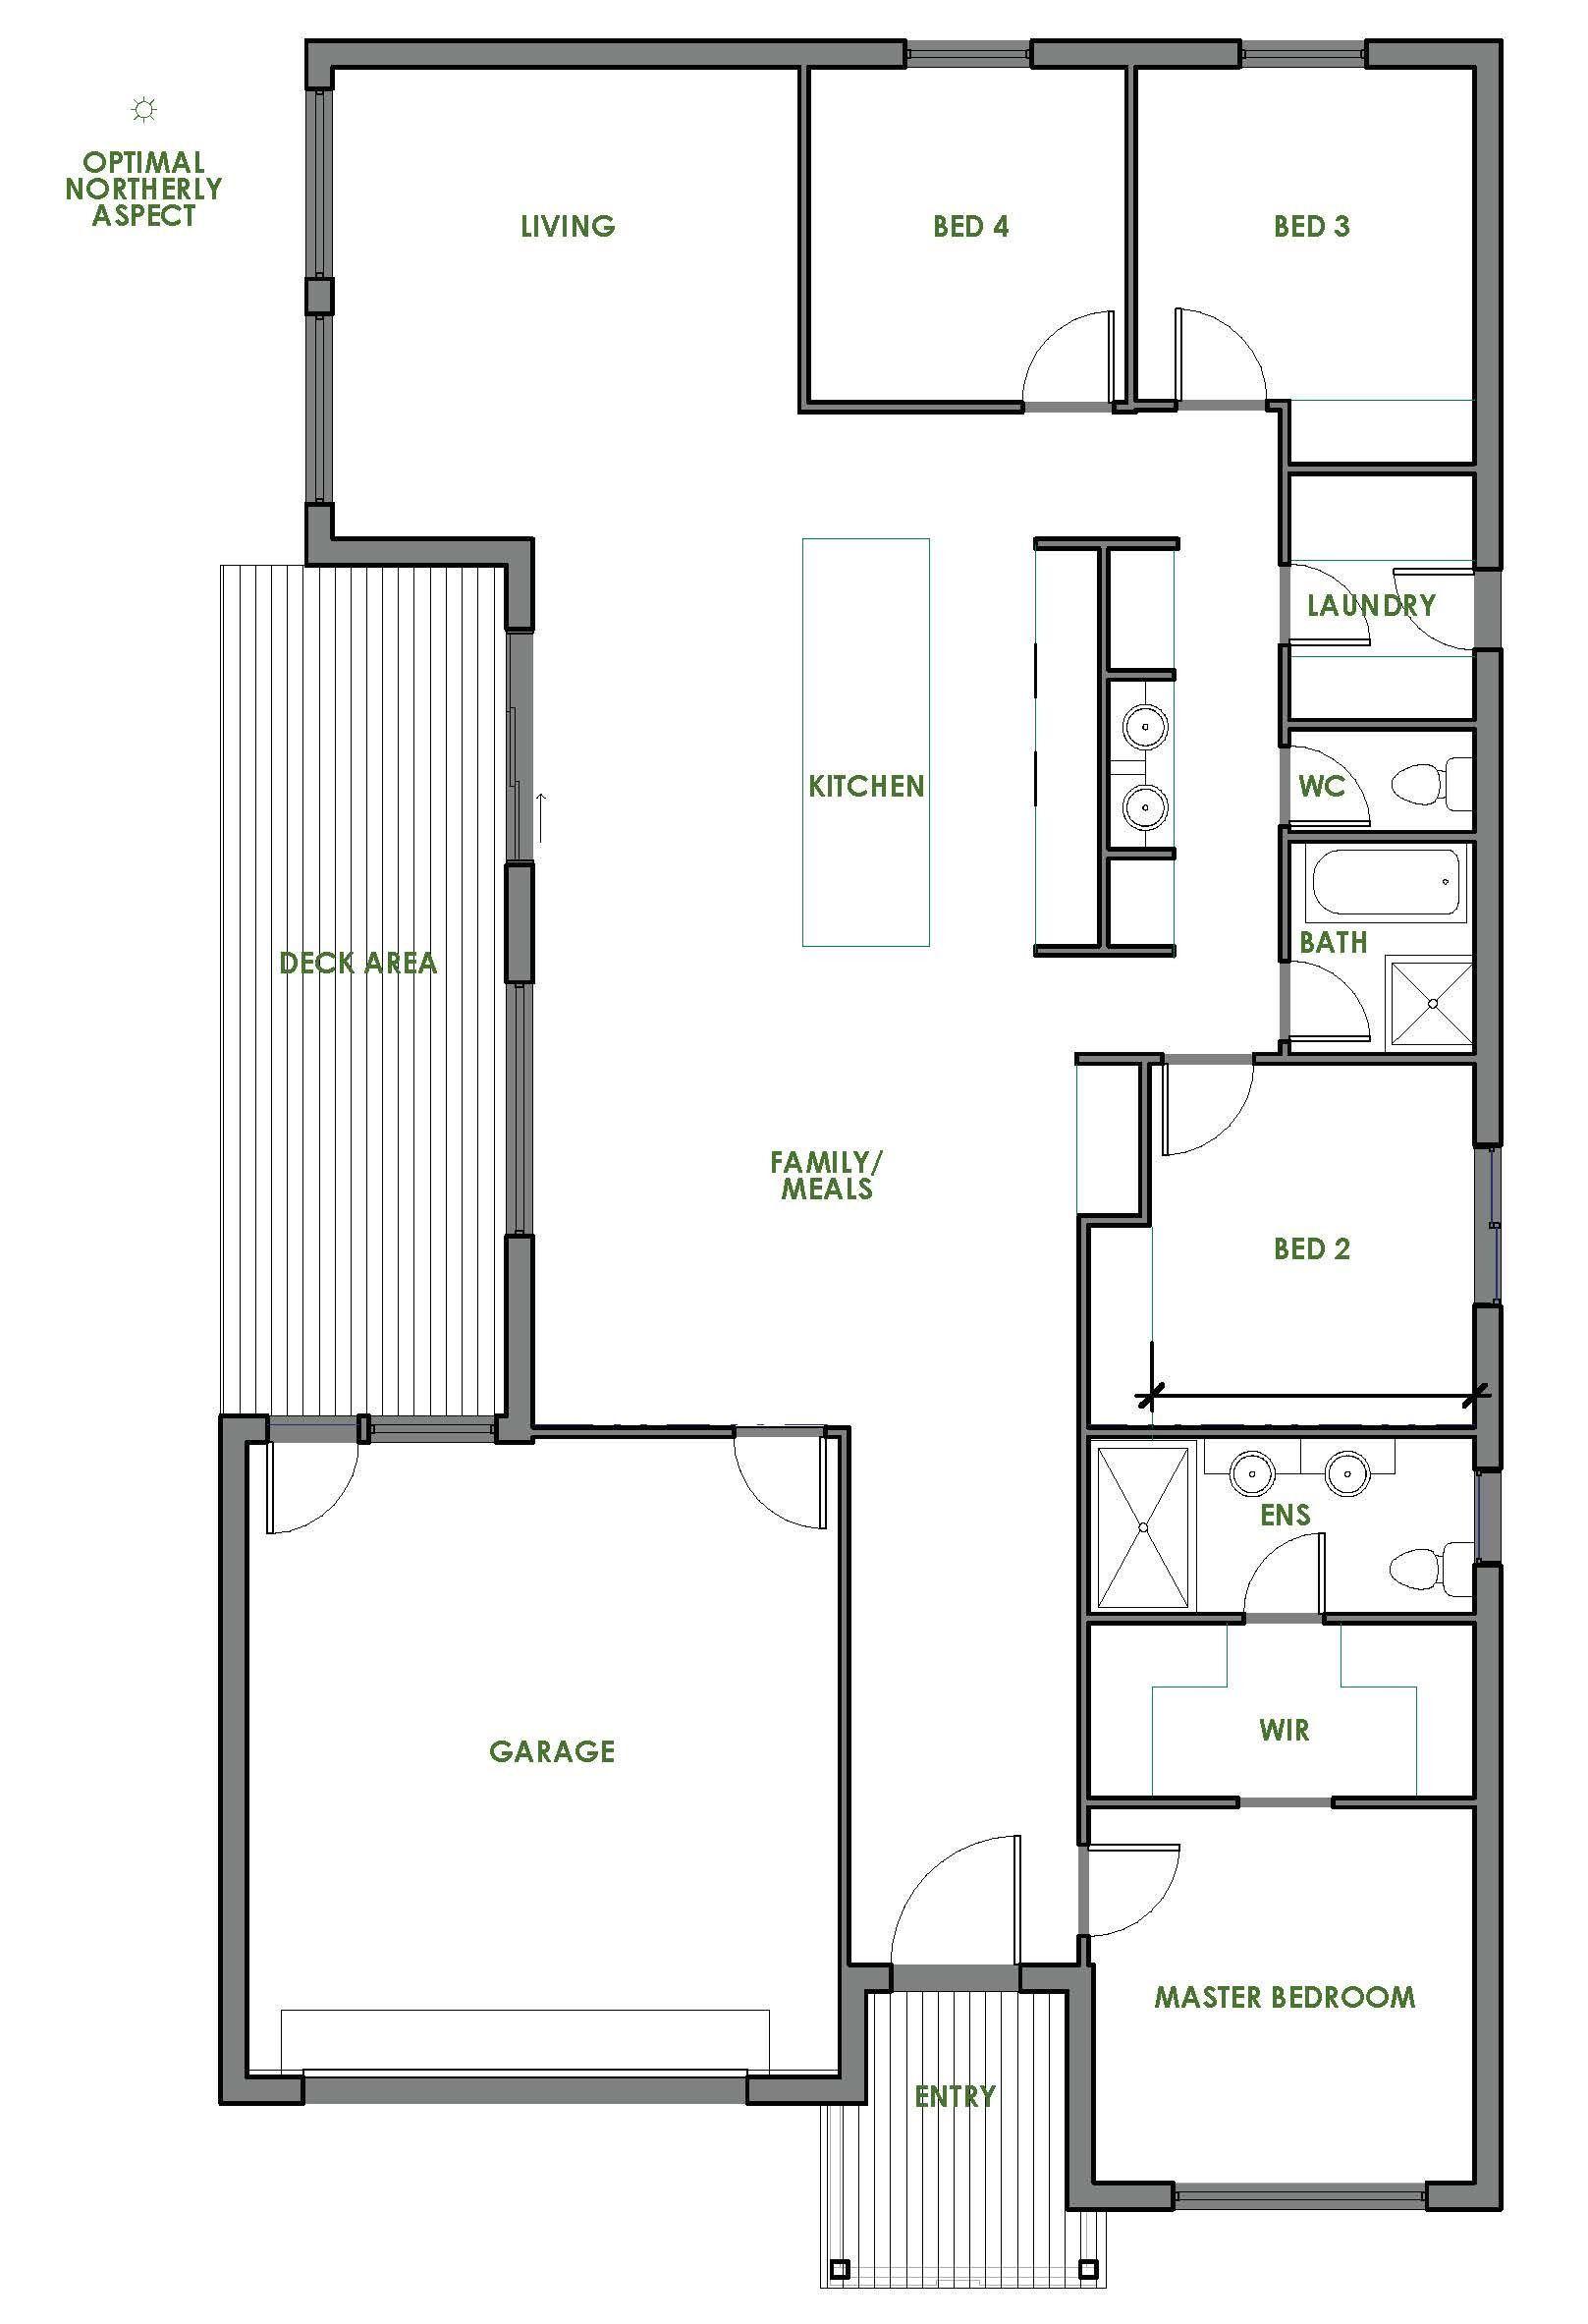 House Plans Energy Efficient 2020 Energy Efficient House Plans Sustainable House Design Eco House Plans